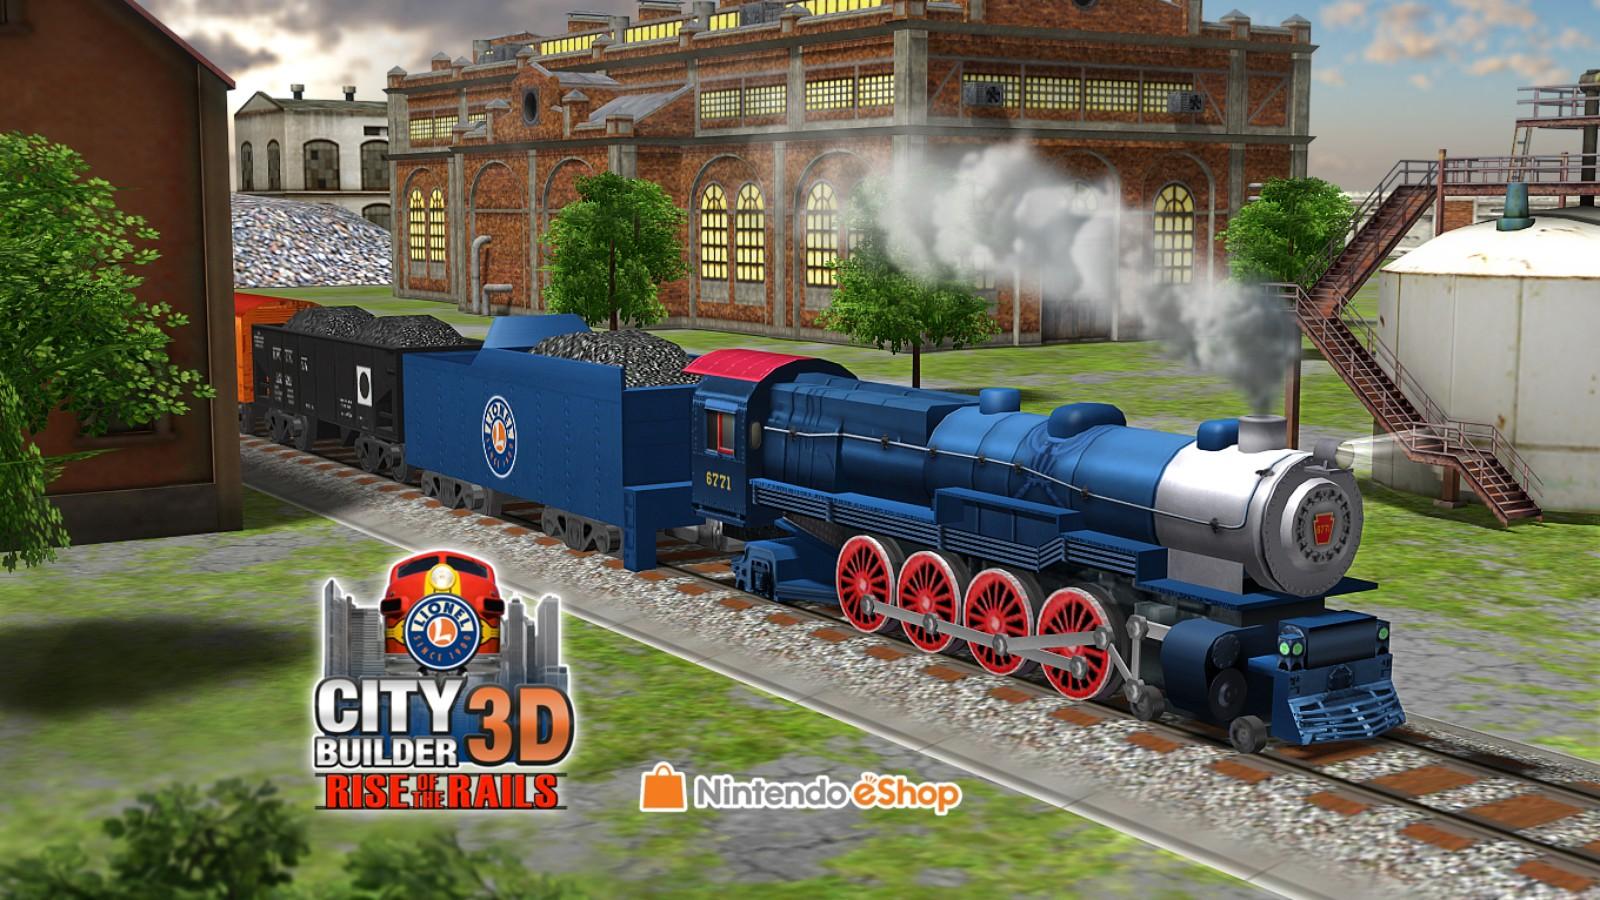 Lionel City Builder 3D: Rise of the Rails